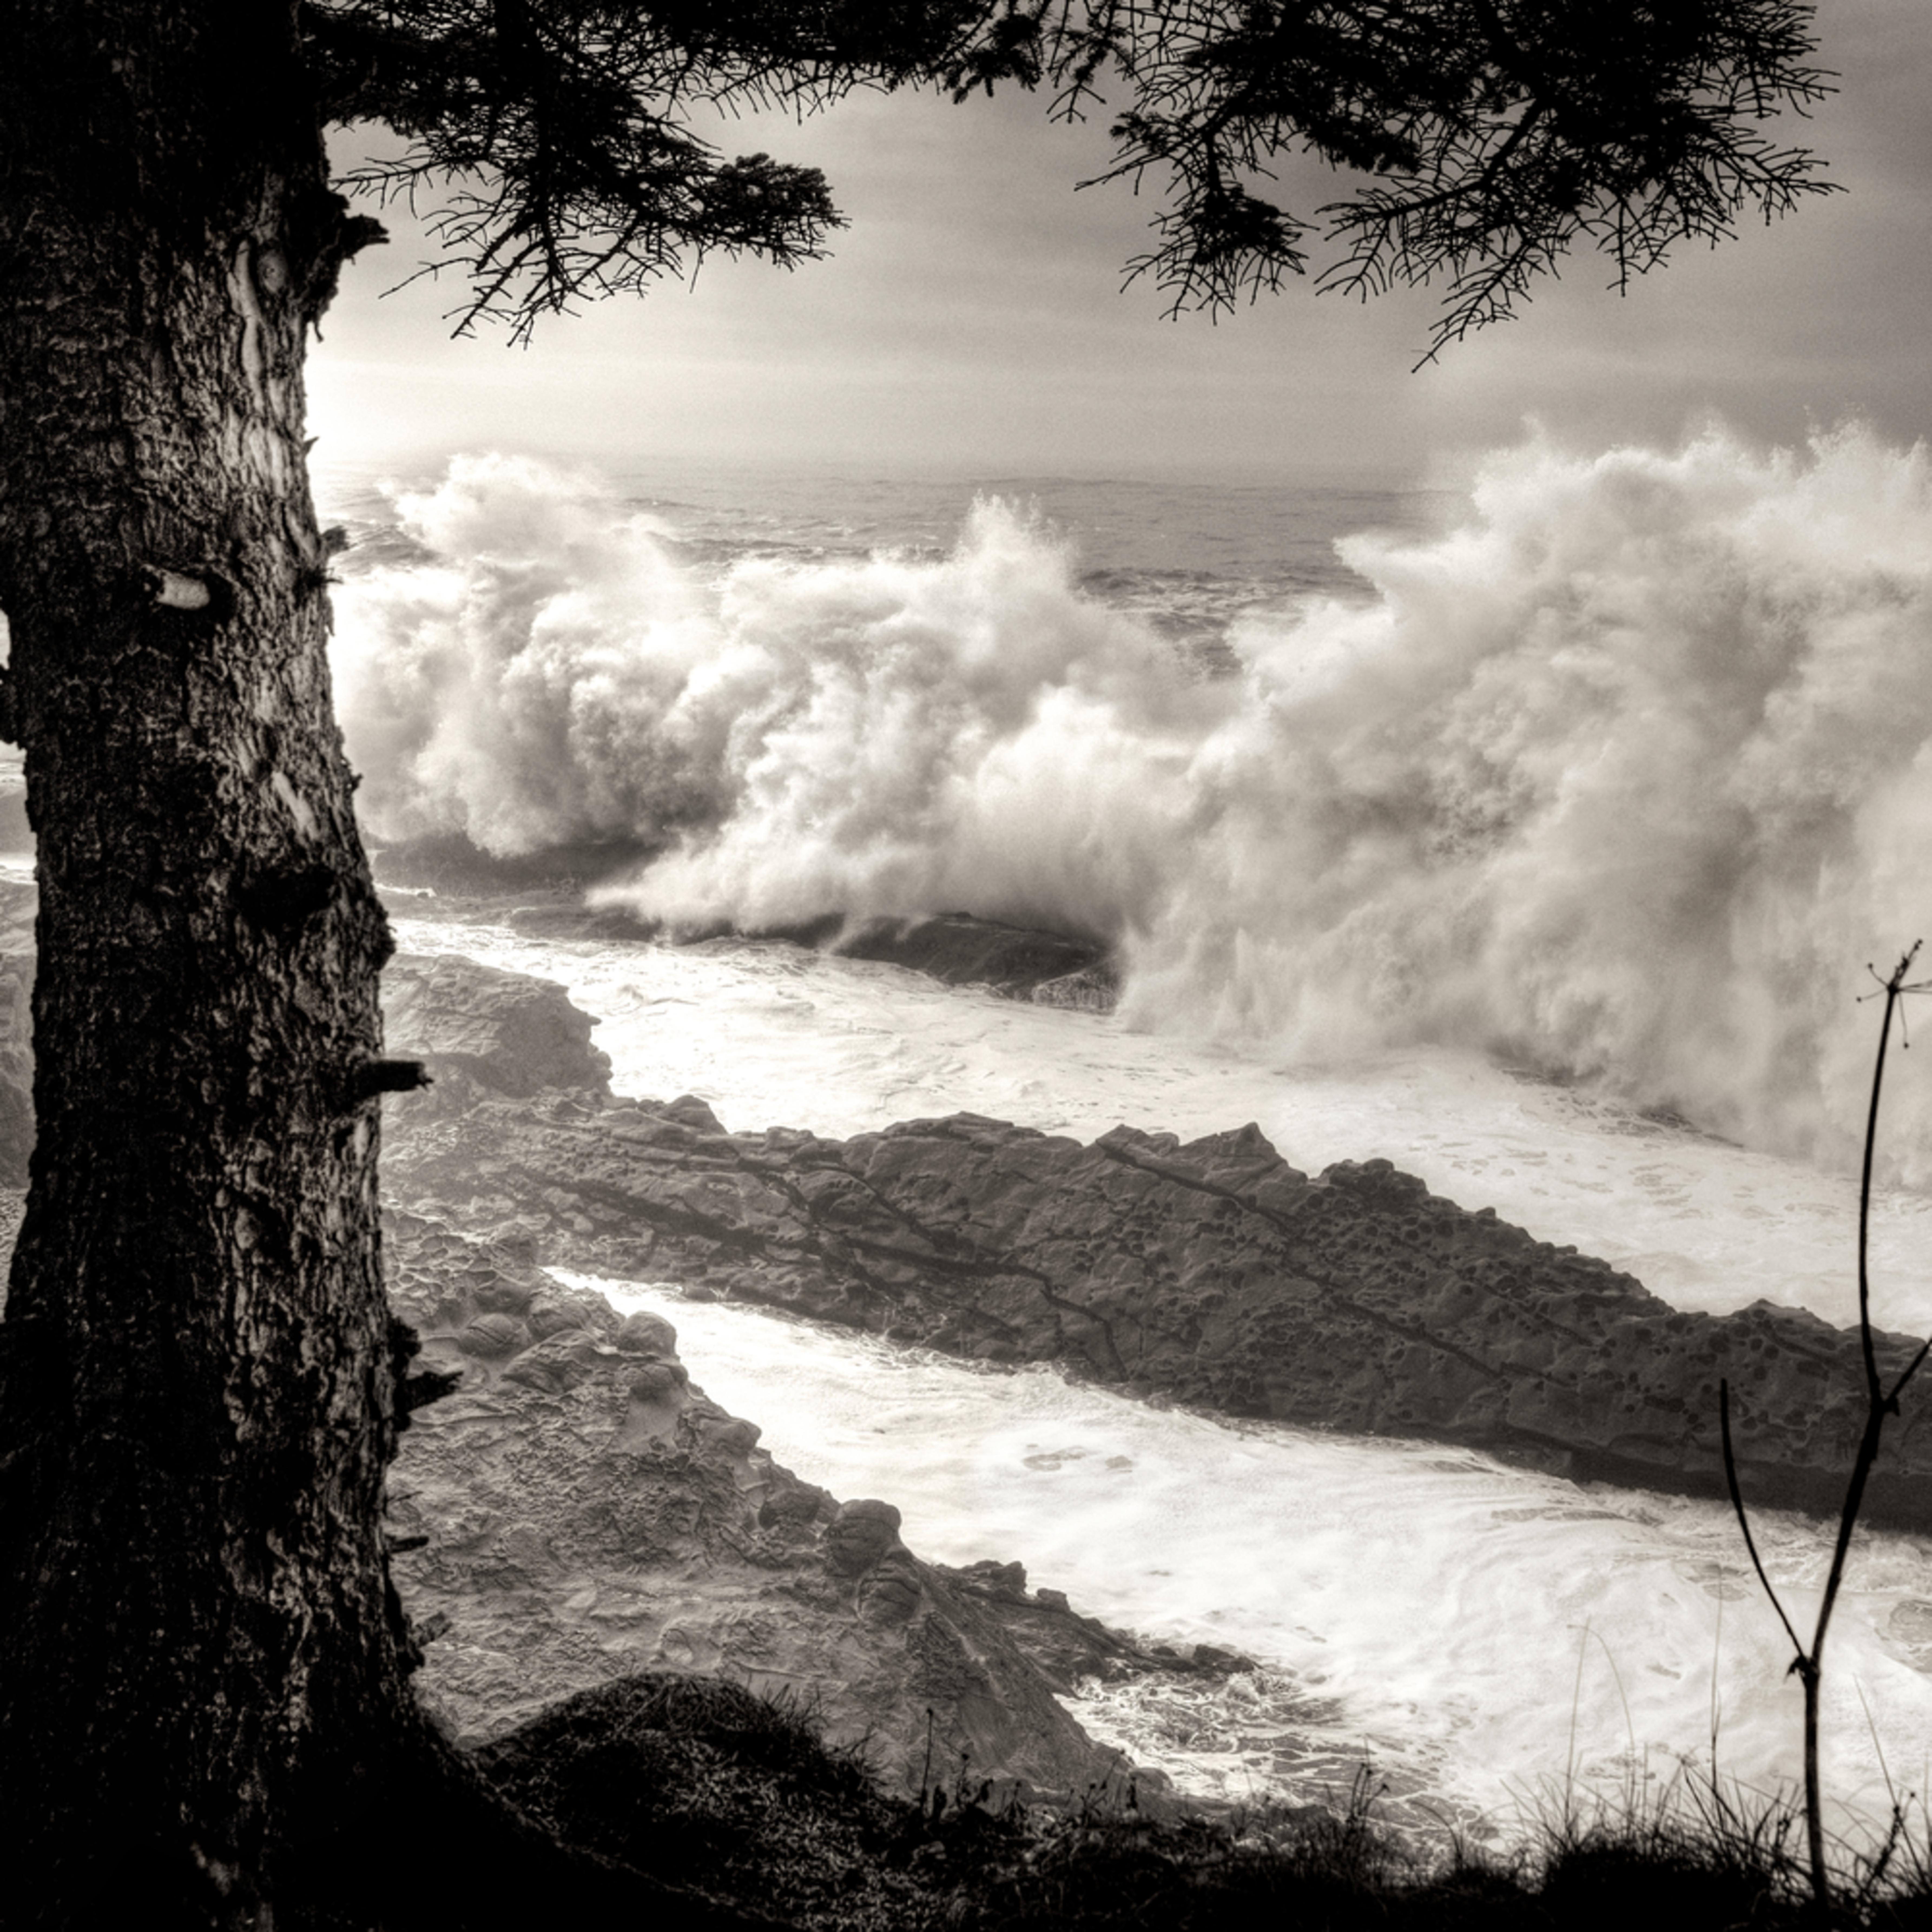 Coos bay giant storm surf oregon q8emmf